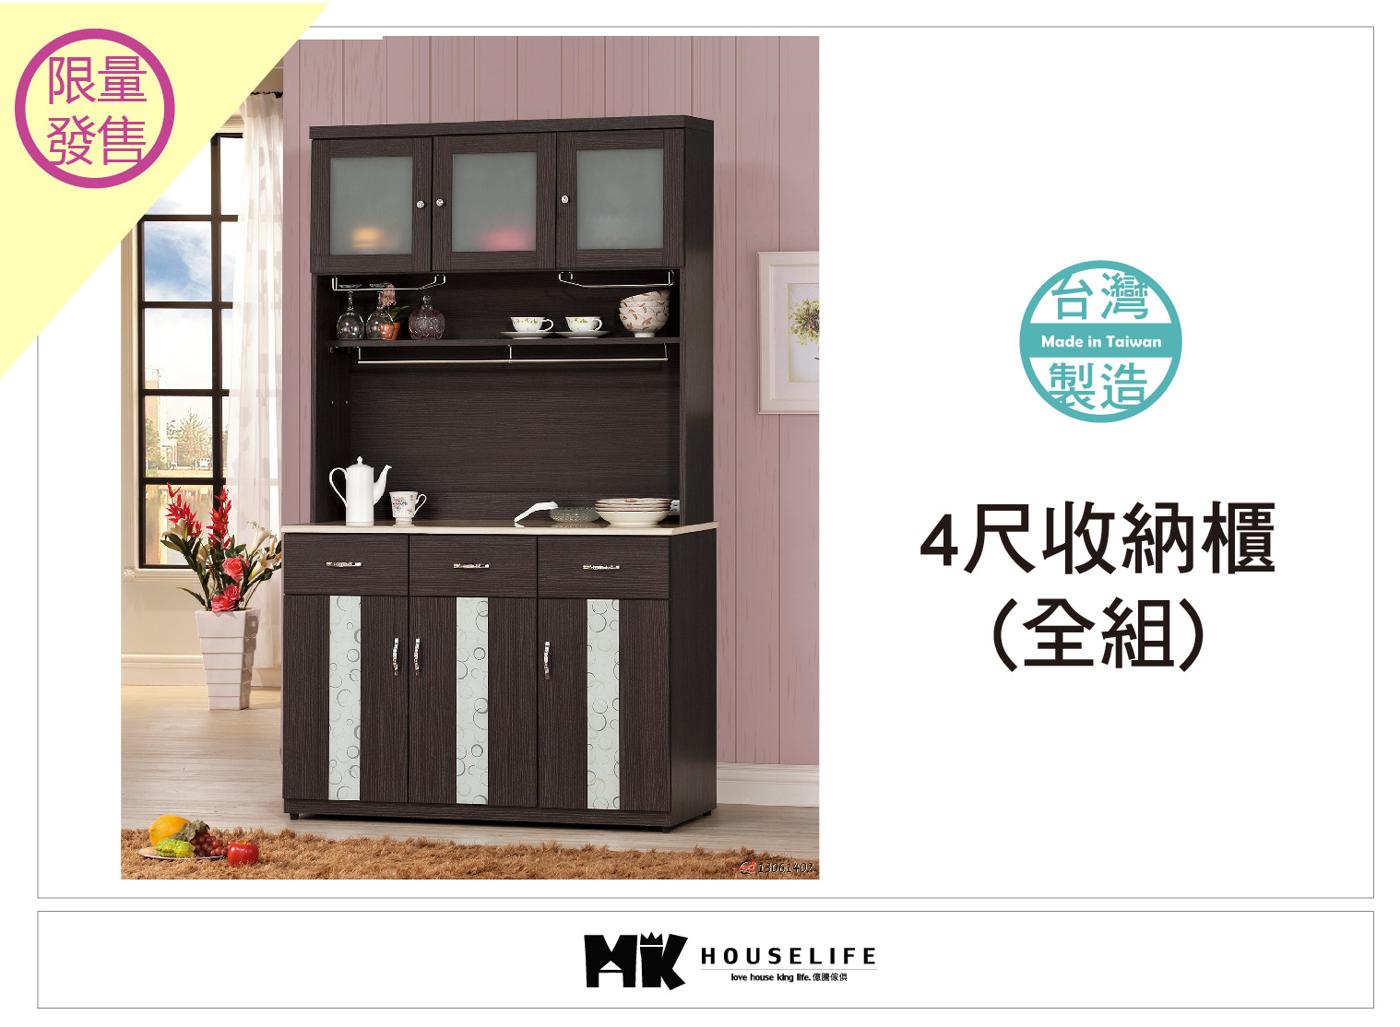 【MK億騰傢俱】AS267-01 4尺收納餐櫃(含白沙石面)(全組)